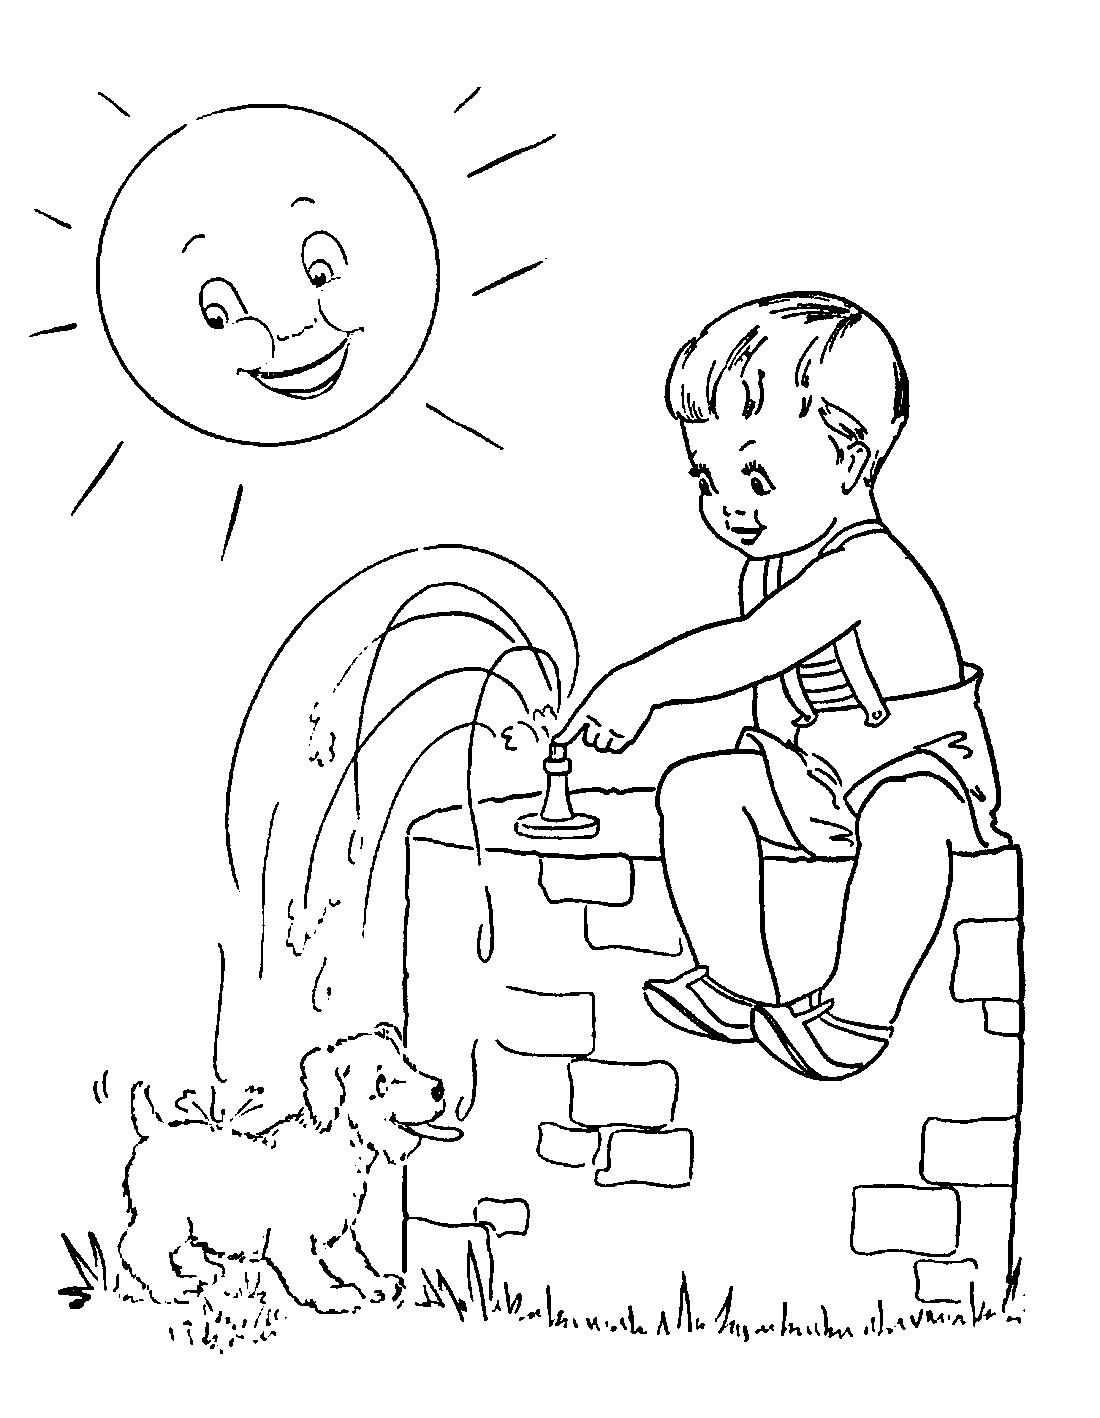 Мальчик и собака у фонтанчика - раскраска №2782 | Printonic.ru